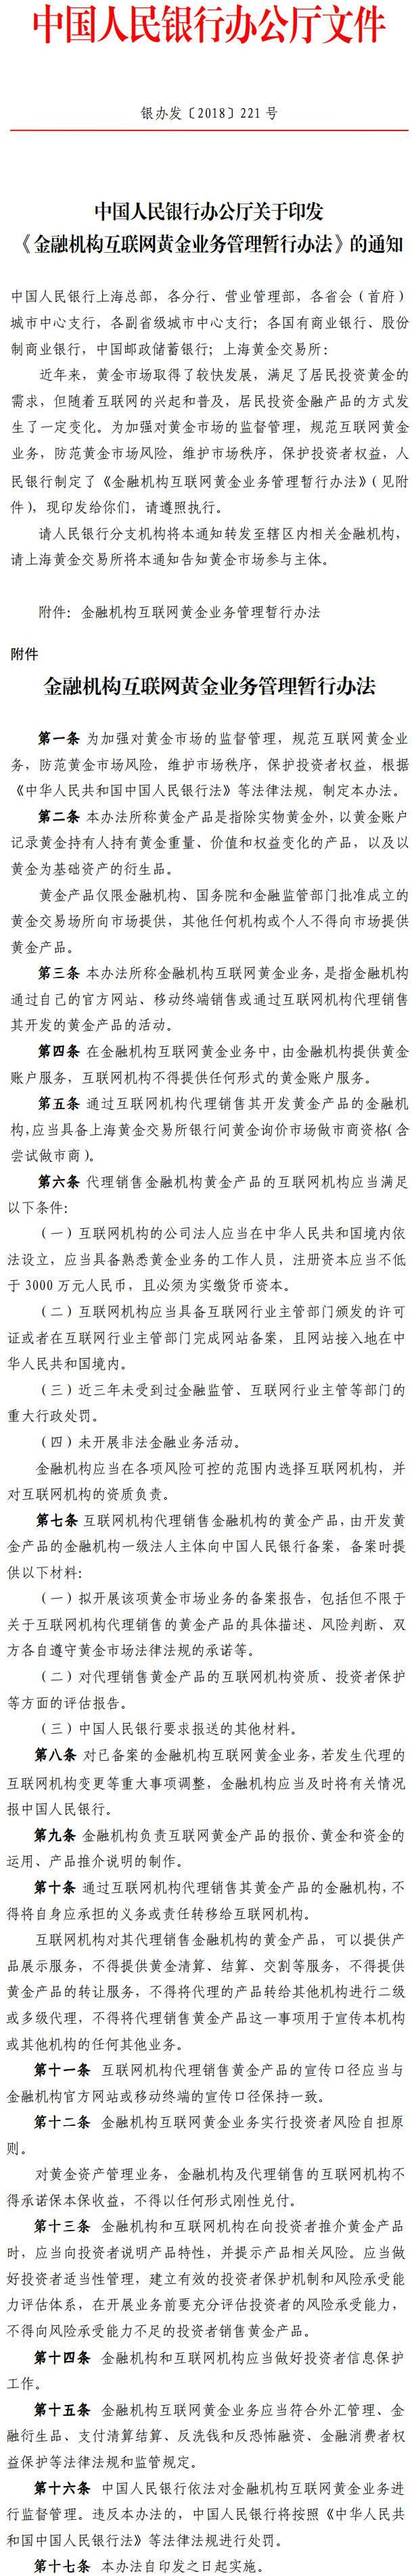 银办发〔2018〕221号《中国人民银行办公厅关于印发〈金融机构互联网黄金业务管理暂行办法〉的通知》